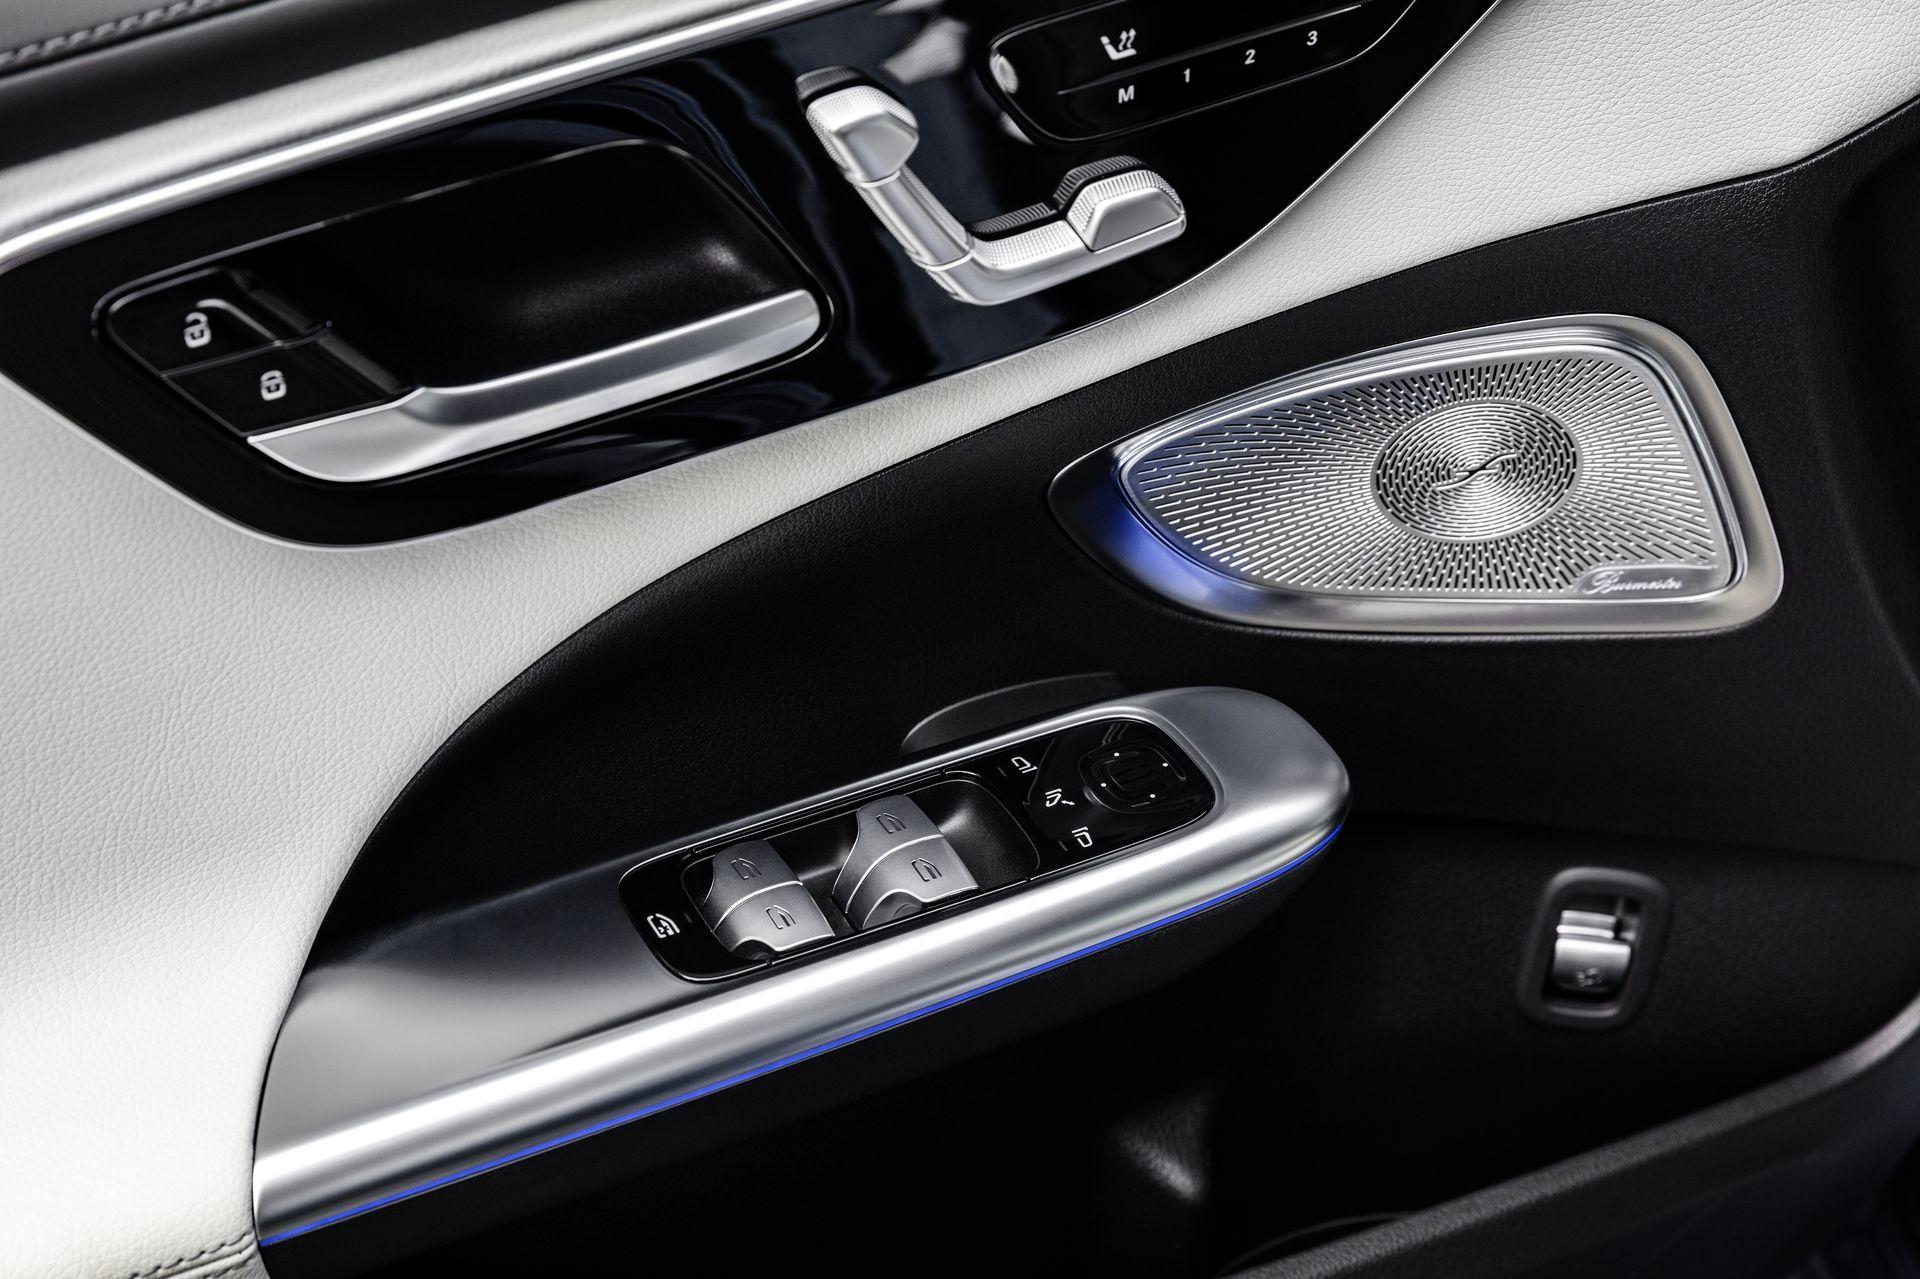 Mercedes Benz C Klasse, 2021 // Mercedes Benz C Class, 2021